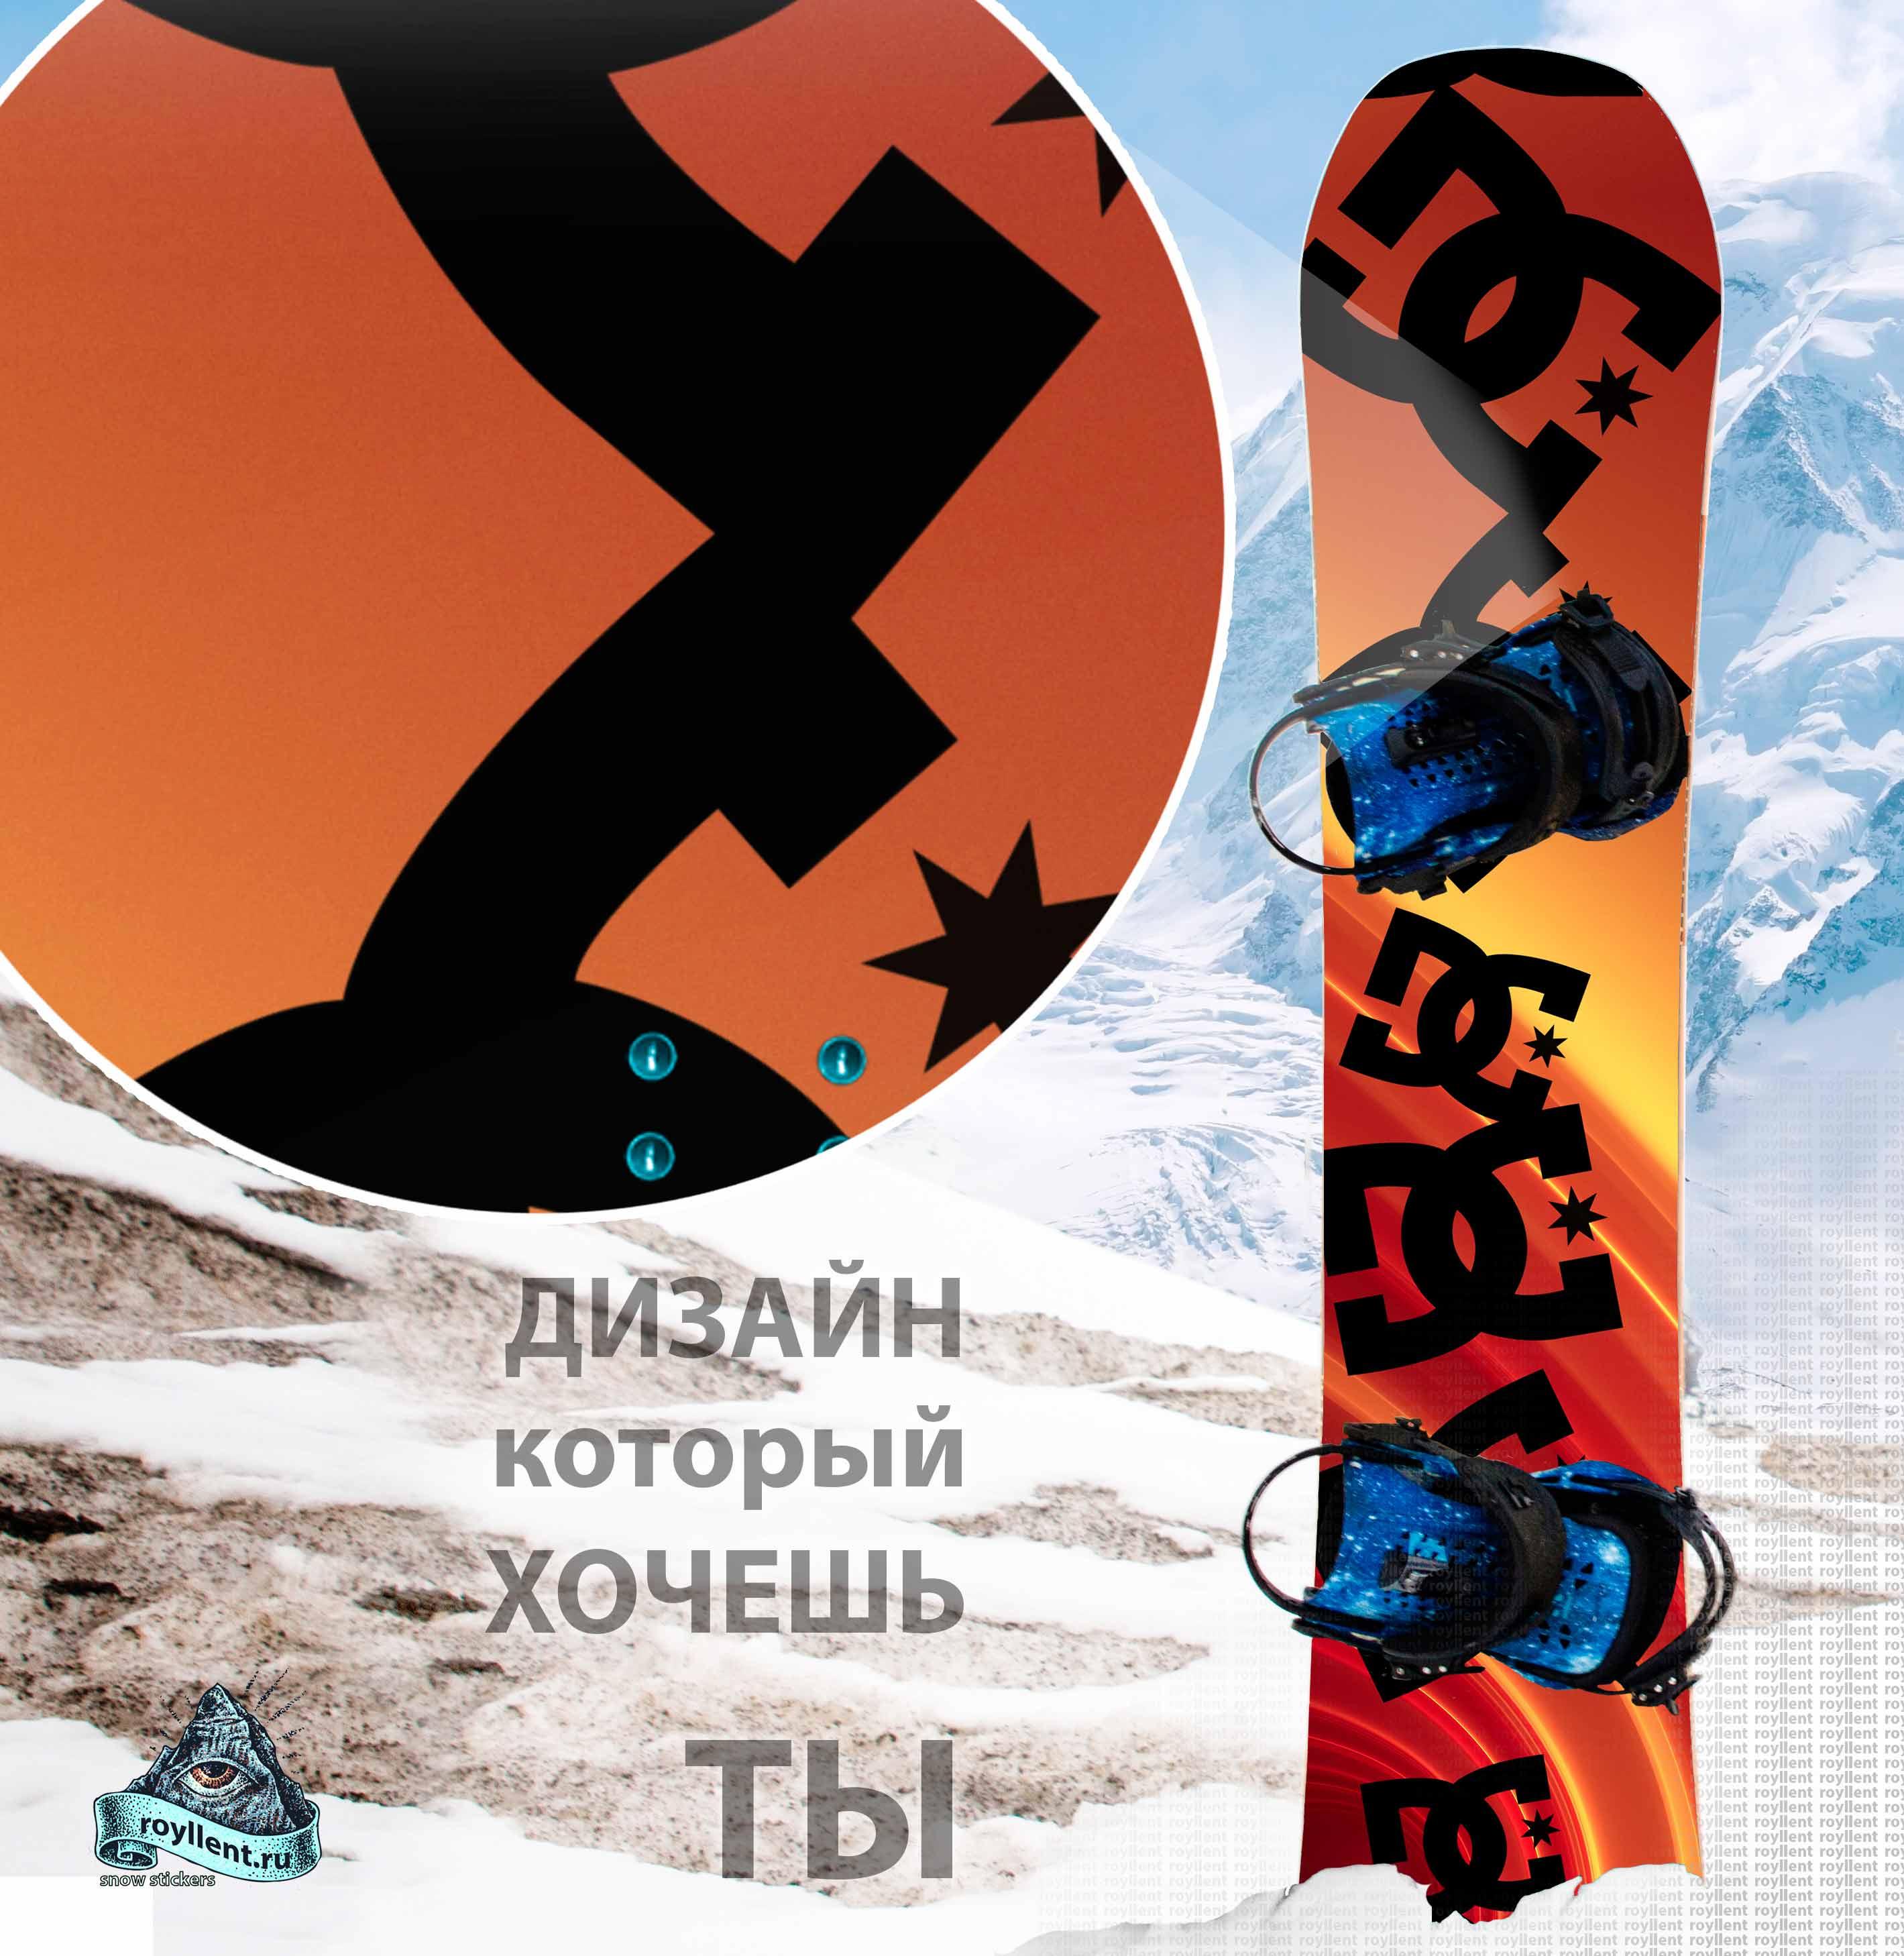 Купить сноуборд наклейку в Светлограде